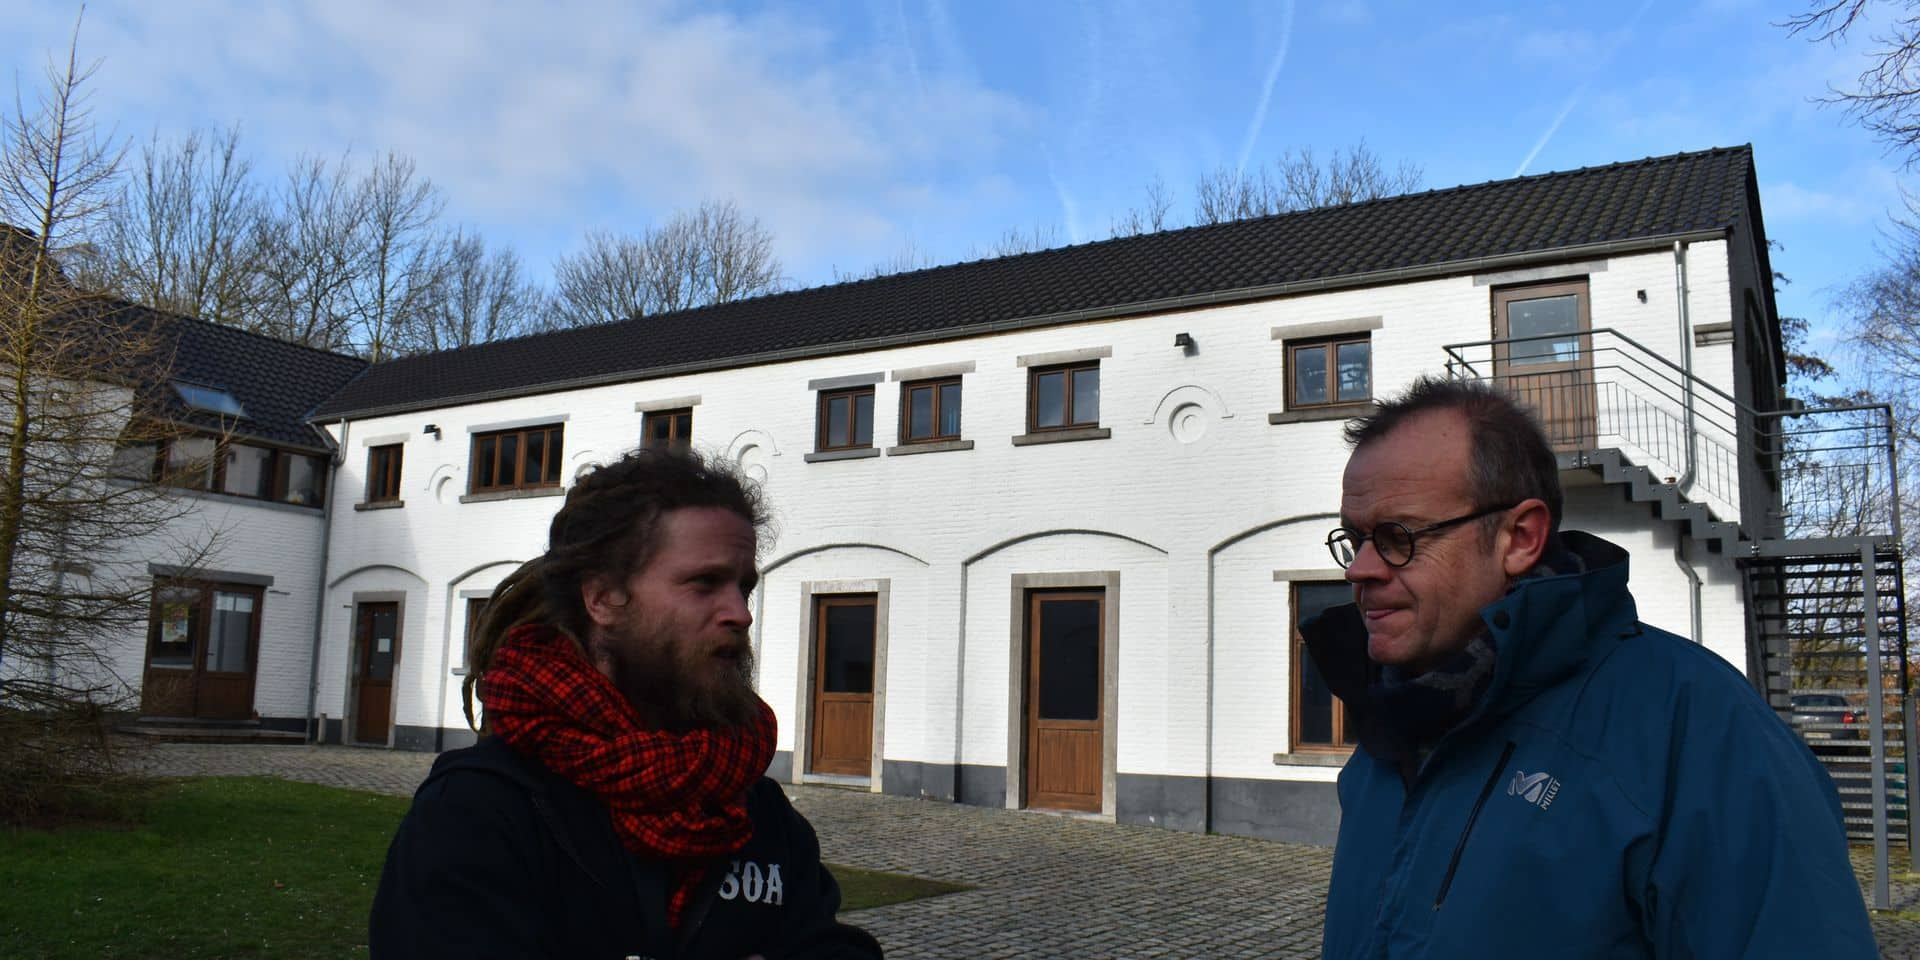 Un crowdfunding pour installer des panneaux solaires sur le toit de cette école de Mont-Saint-Guibert